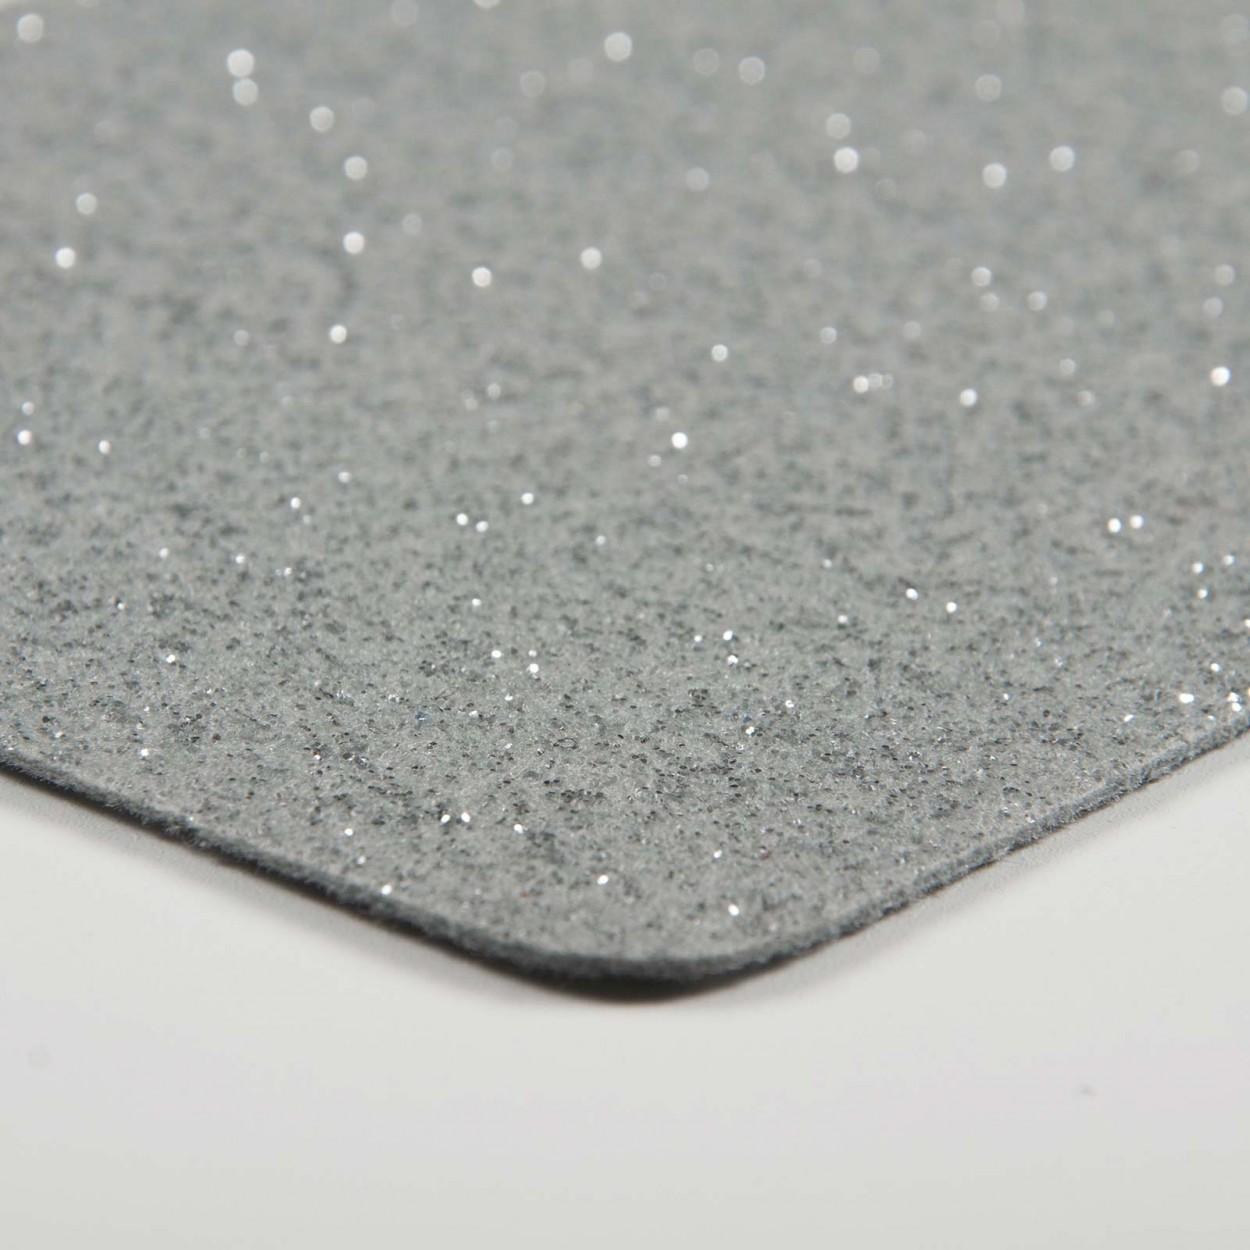 Moquette haut de gamme Glitter pailletée pour décoration